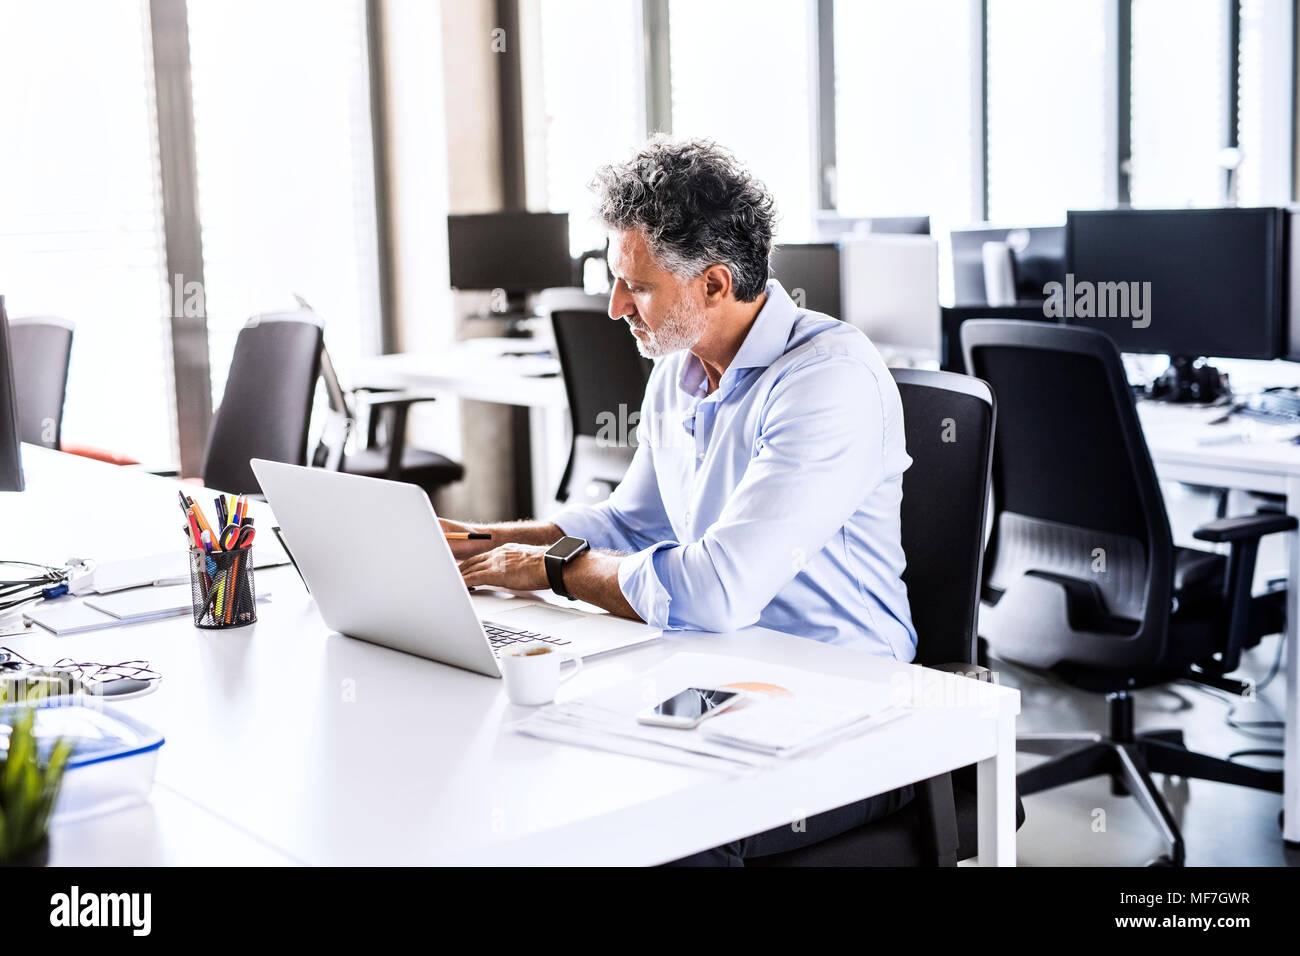 Imprenditore maturo lavorare alla scrivania in ufficio Immagini Stock